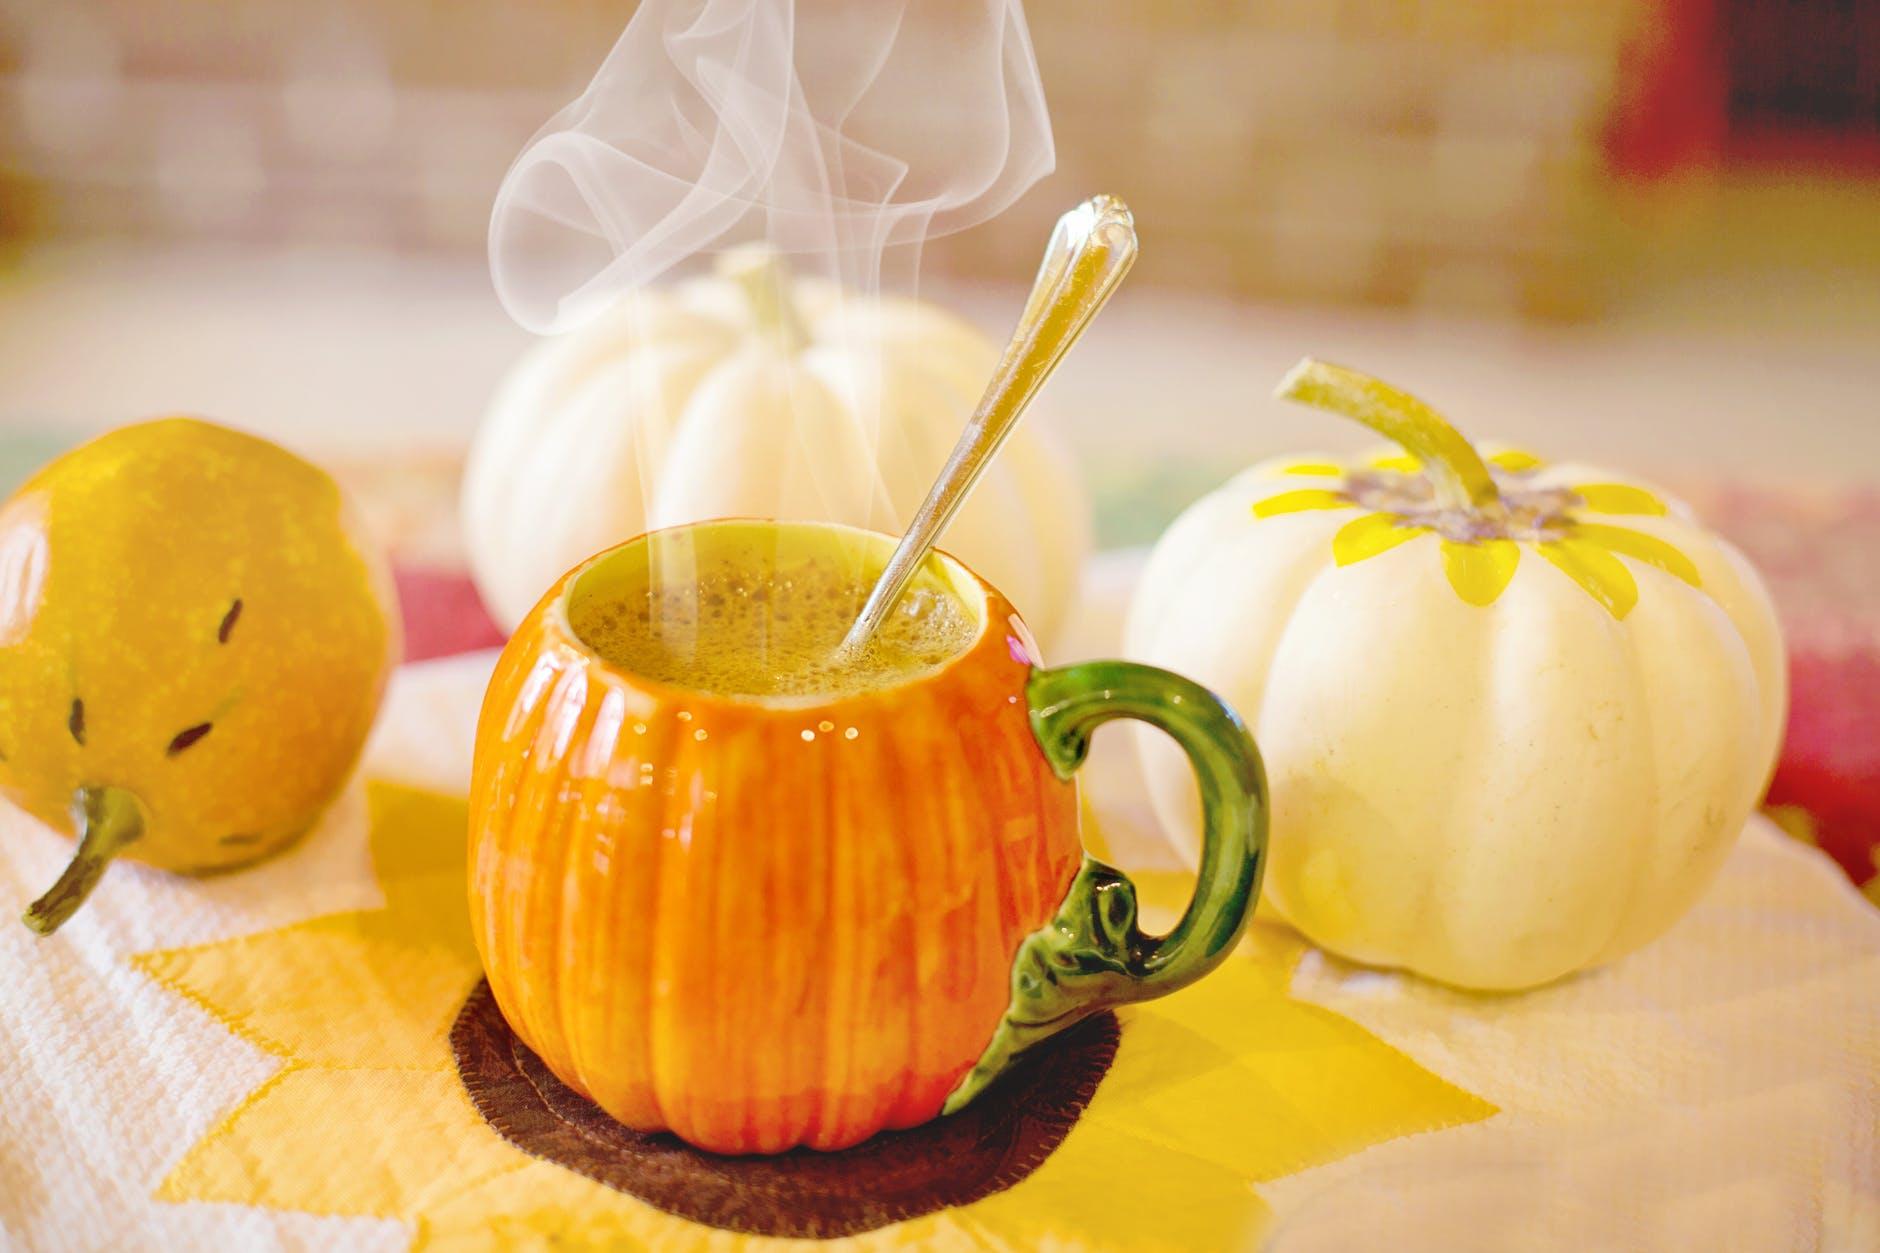 orange juice in green ceramic mug